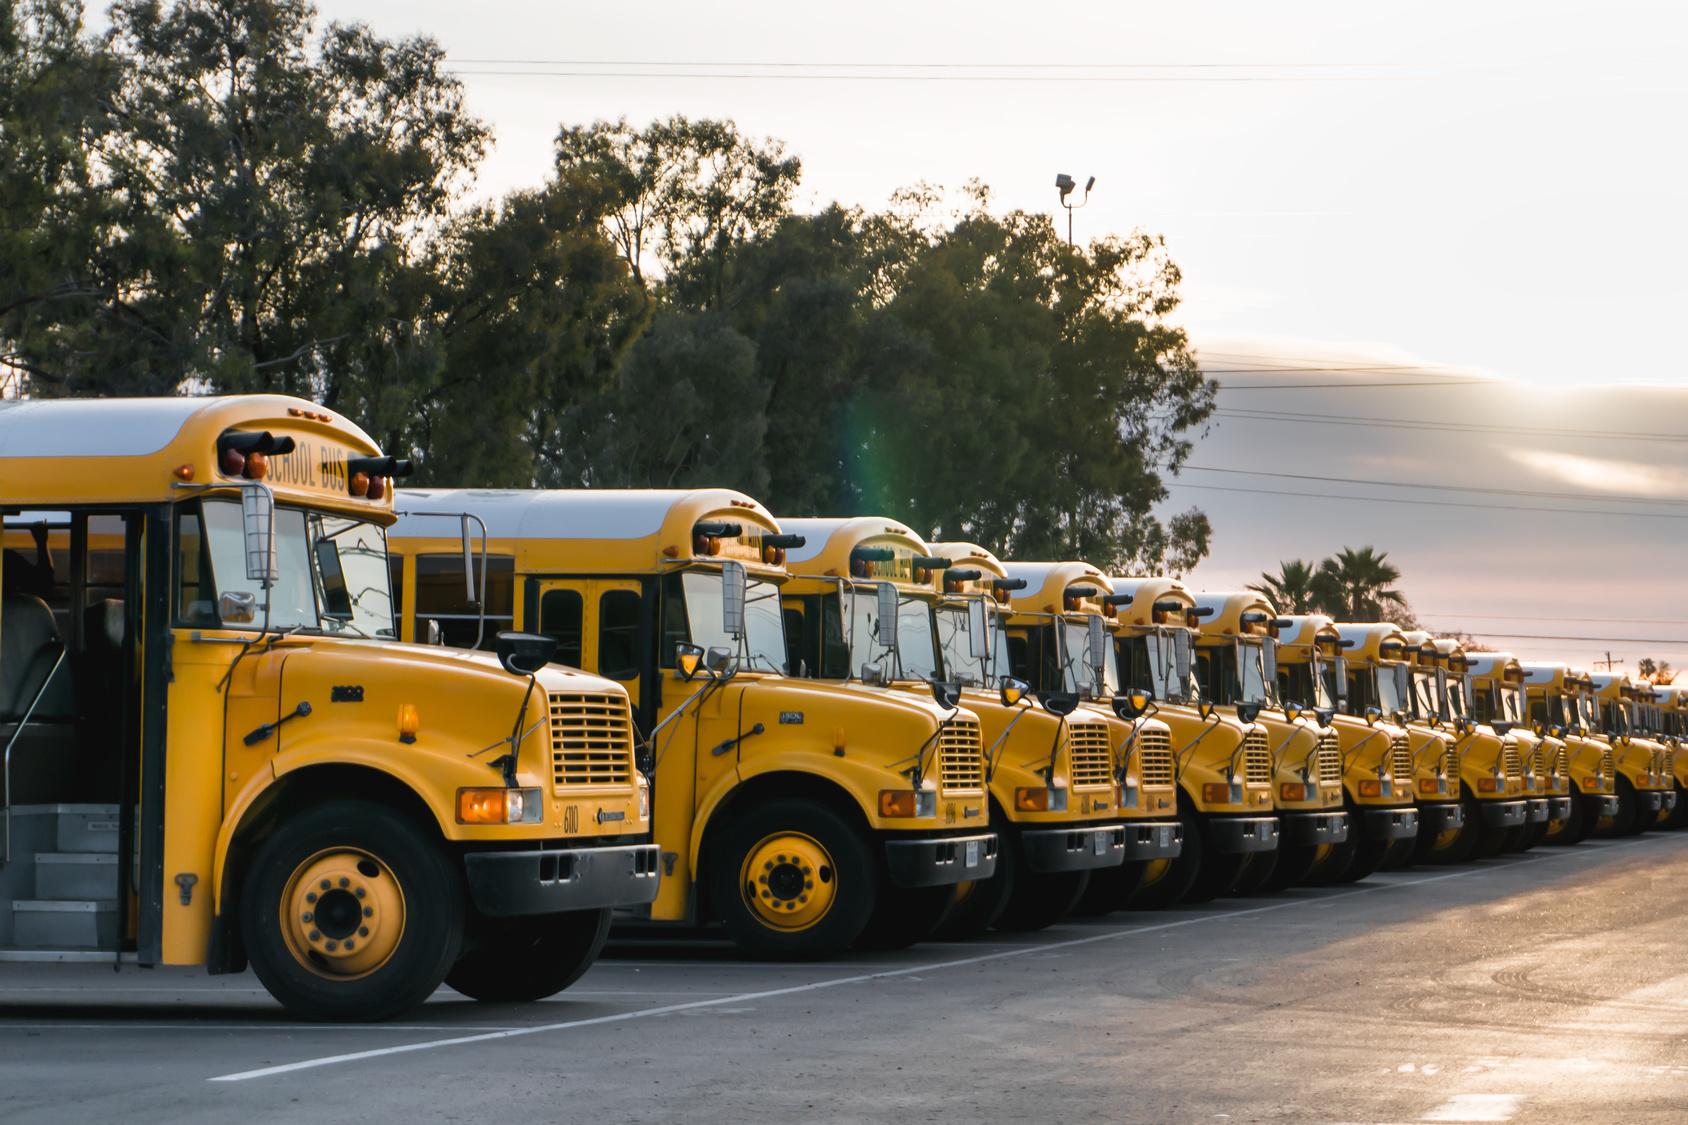 Żółty autobus w trasie Biuro podróży Goforworld by Kuźniar